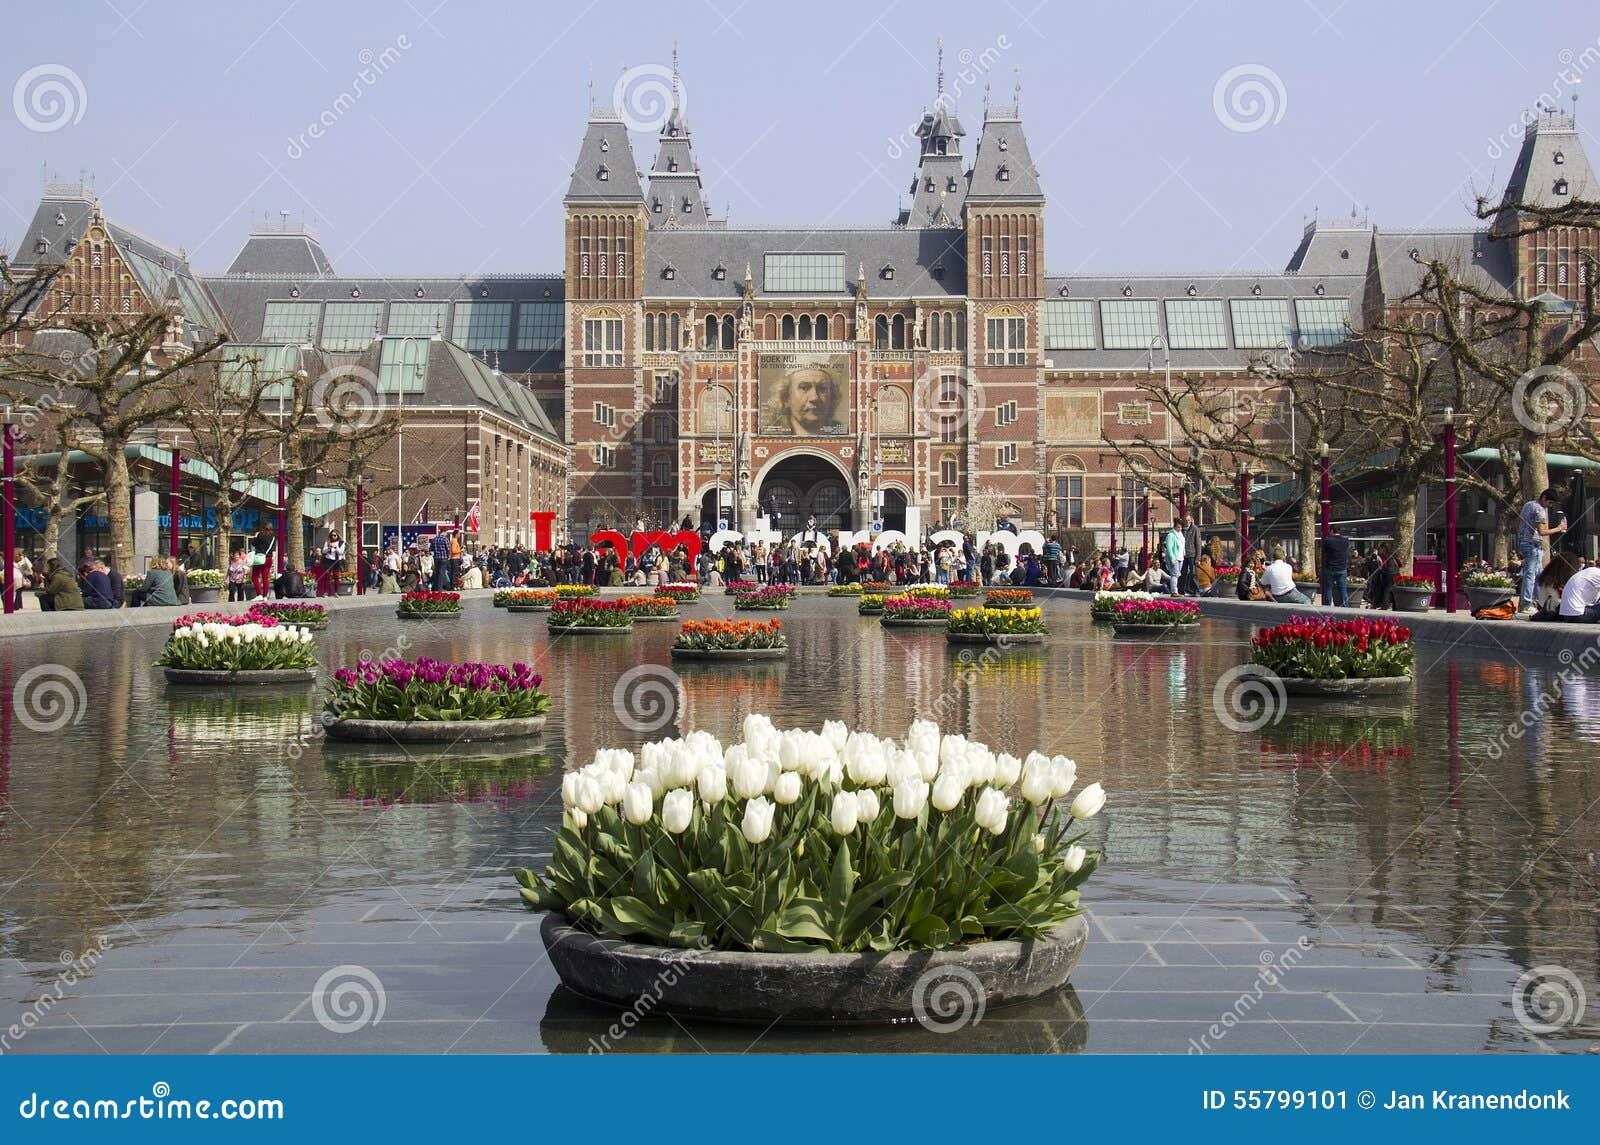 flores en el rijksmuseum en amsterdam holanda